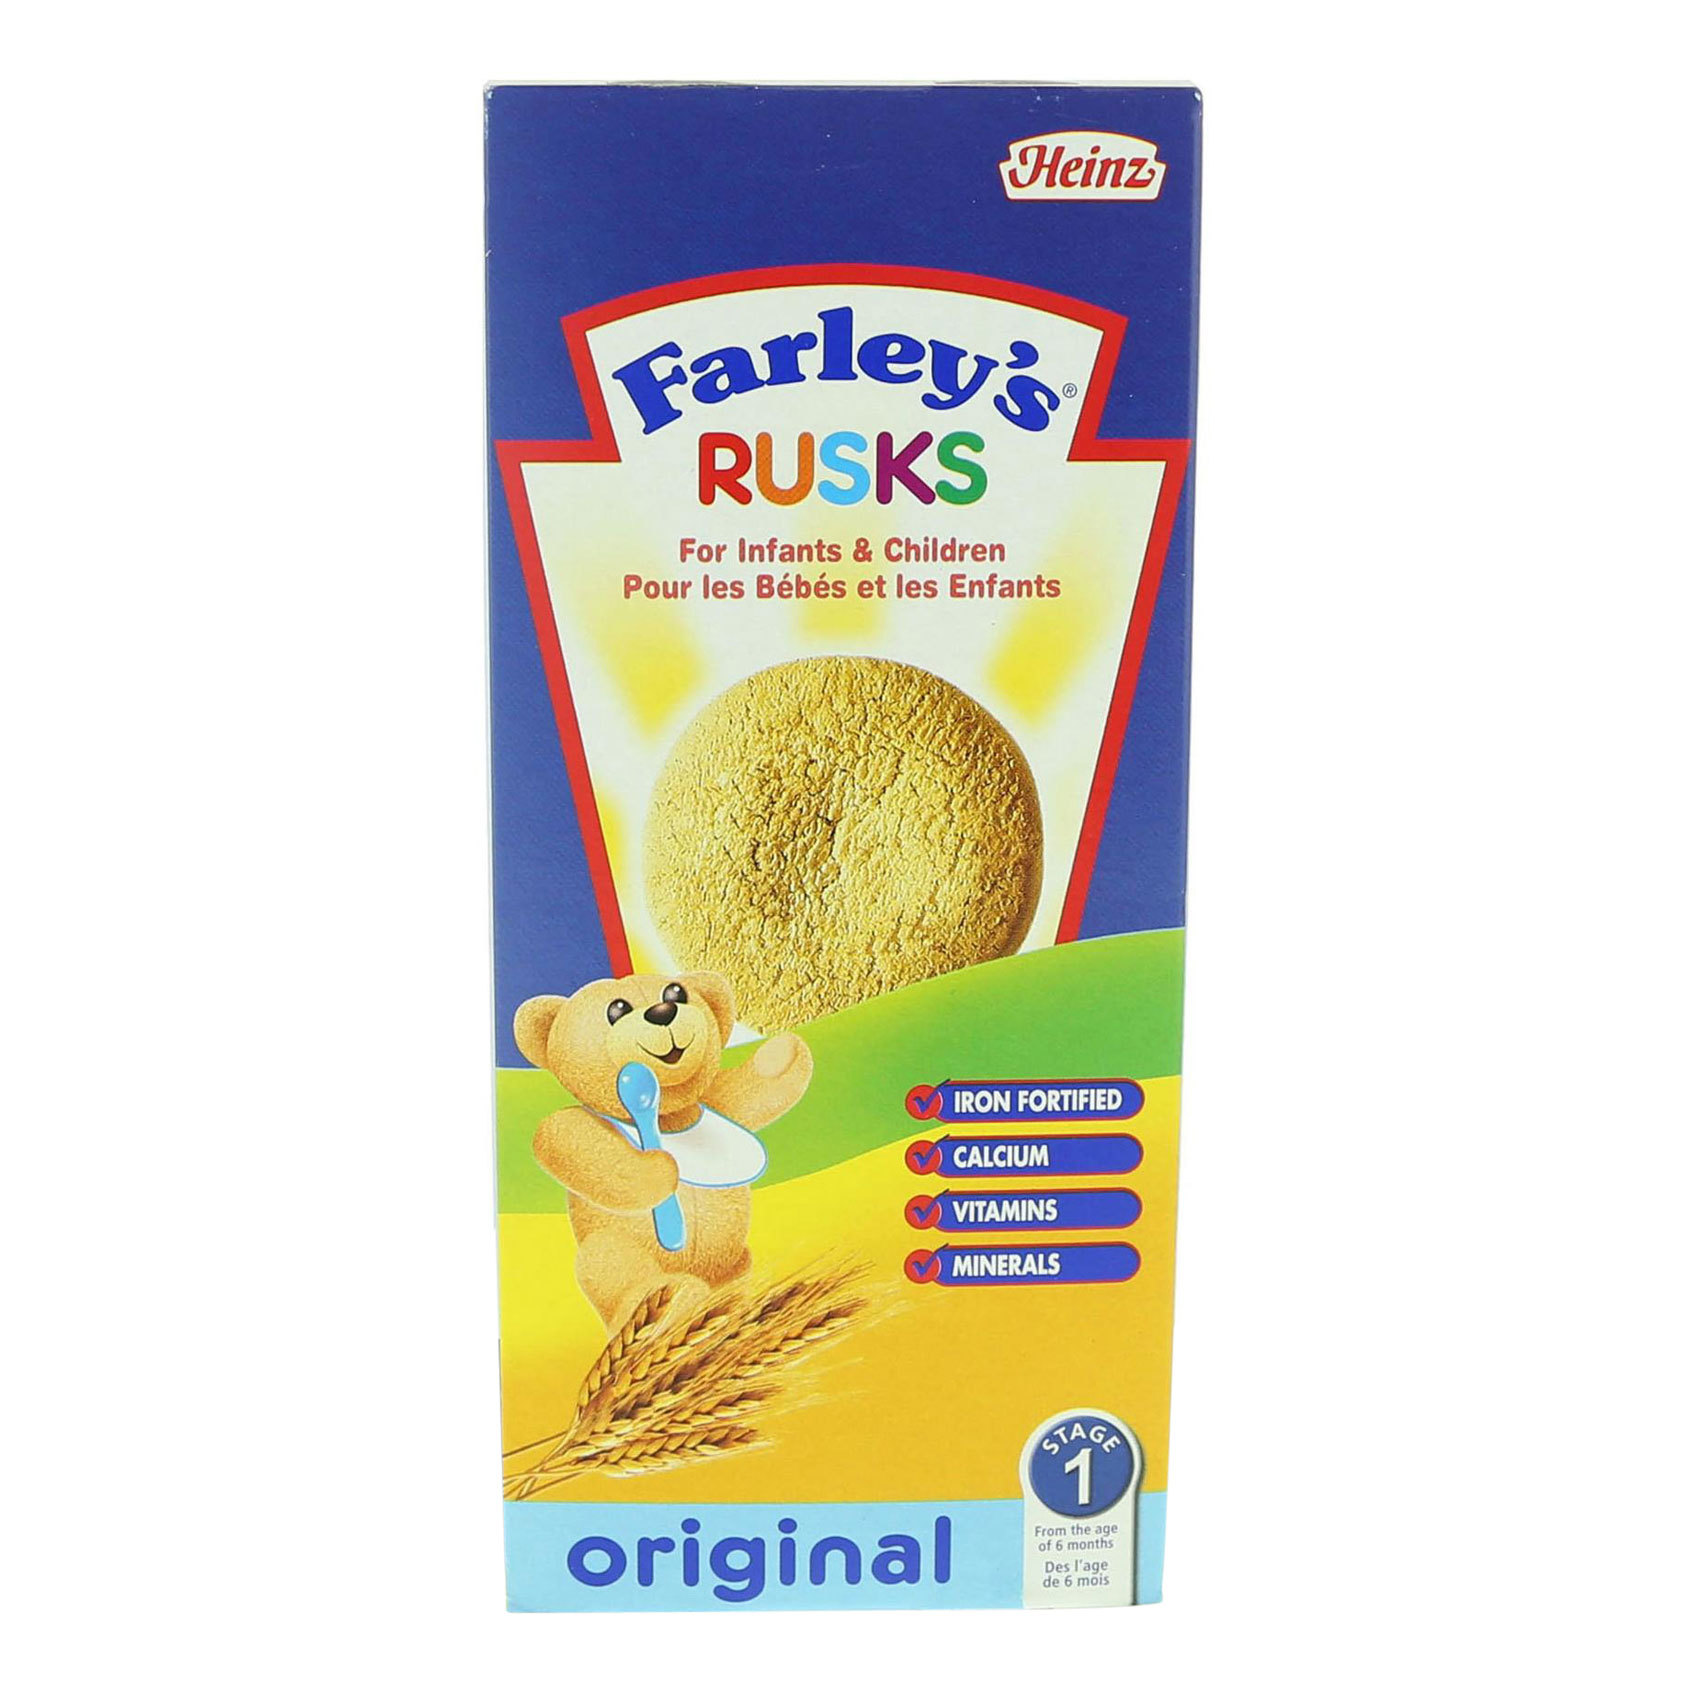 FARLEYS RUSKS ORIGINAL 150G